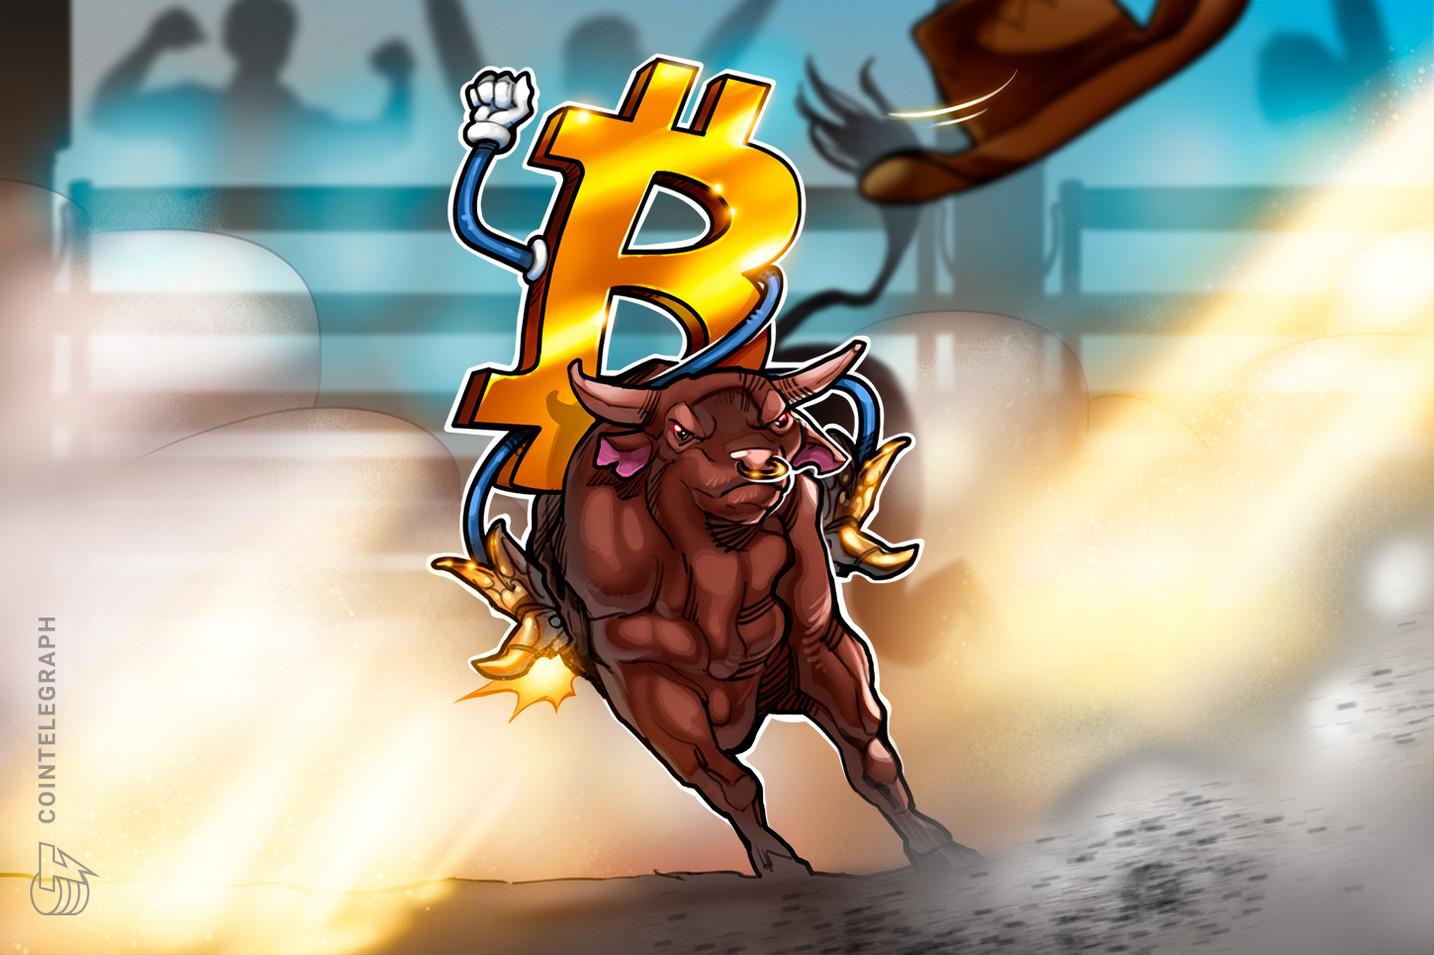 O preço do Bitcoin agora está na 'fase inicial' do próximo ciclo de alta, dizem analistas